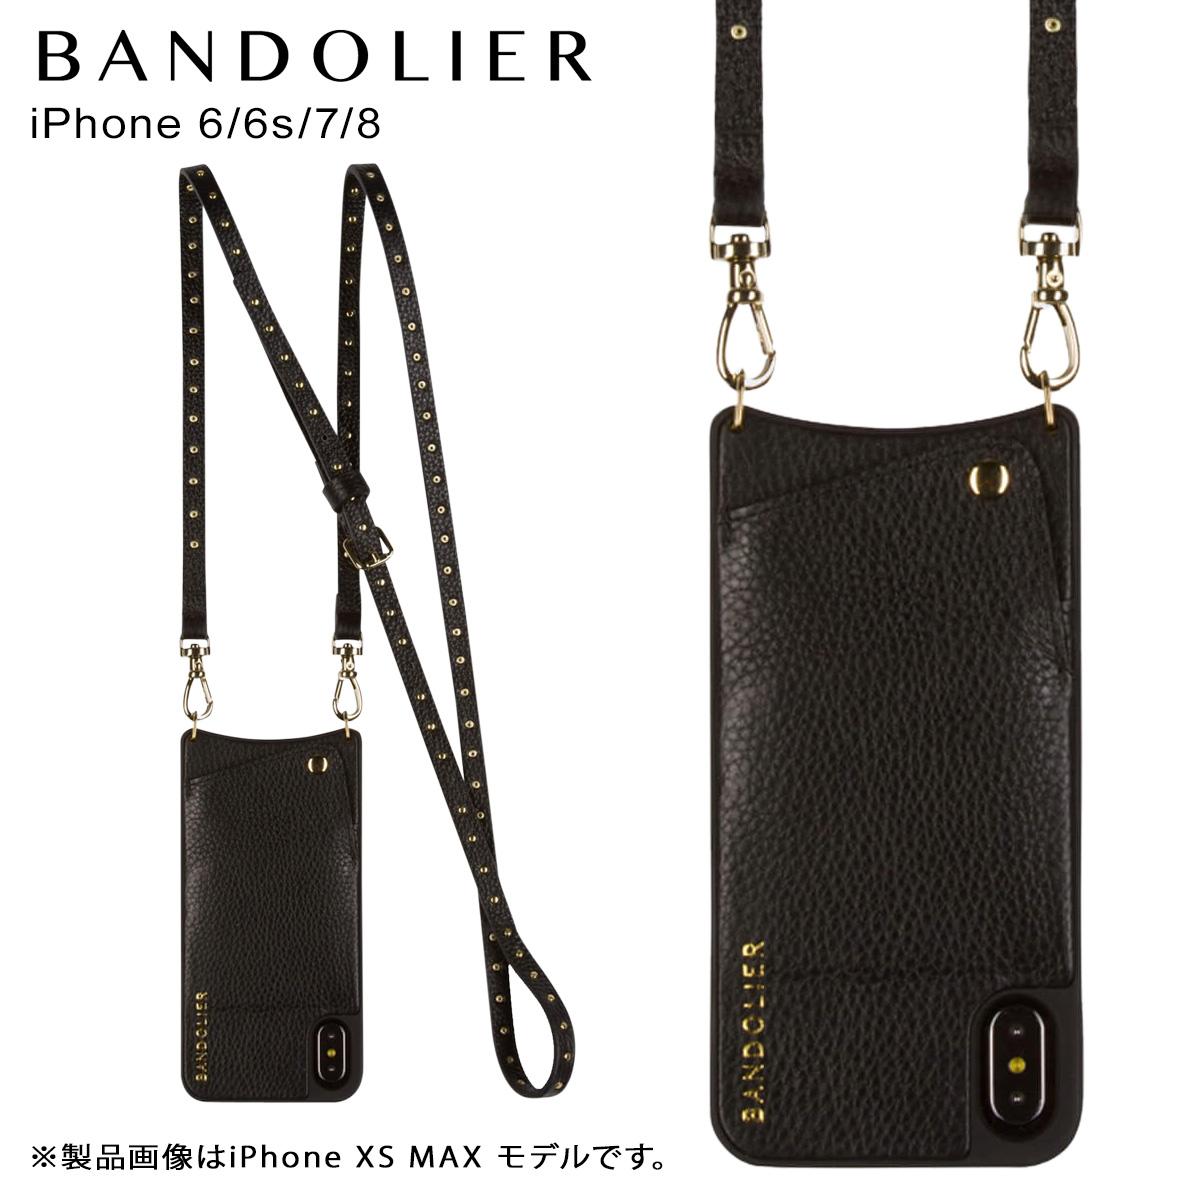 バンドリヤー BANDOLIER iPhone 8 7 6s 6 ケース ショルダー スマホ 携帯 アイフォン レザー NICOLE GOLD メンズ レディース ブラック 10NIC1001 [10/31 再入荷]